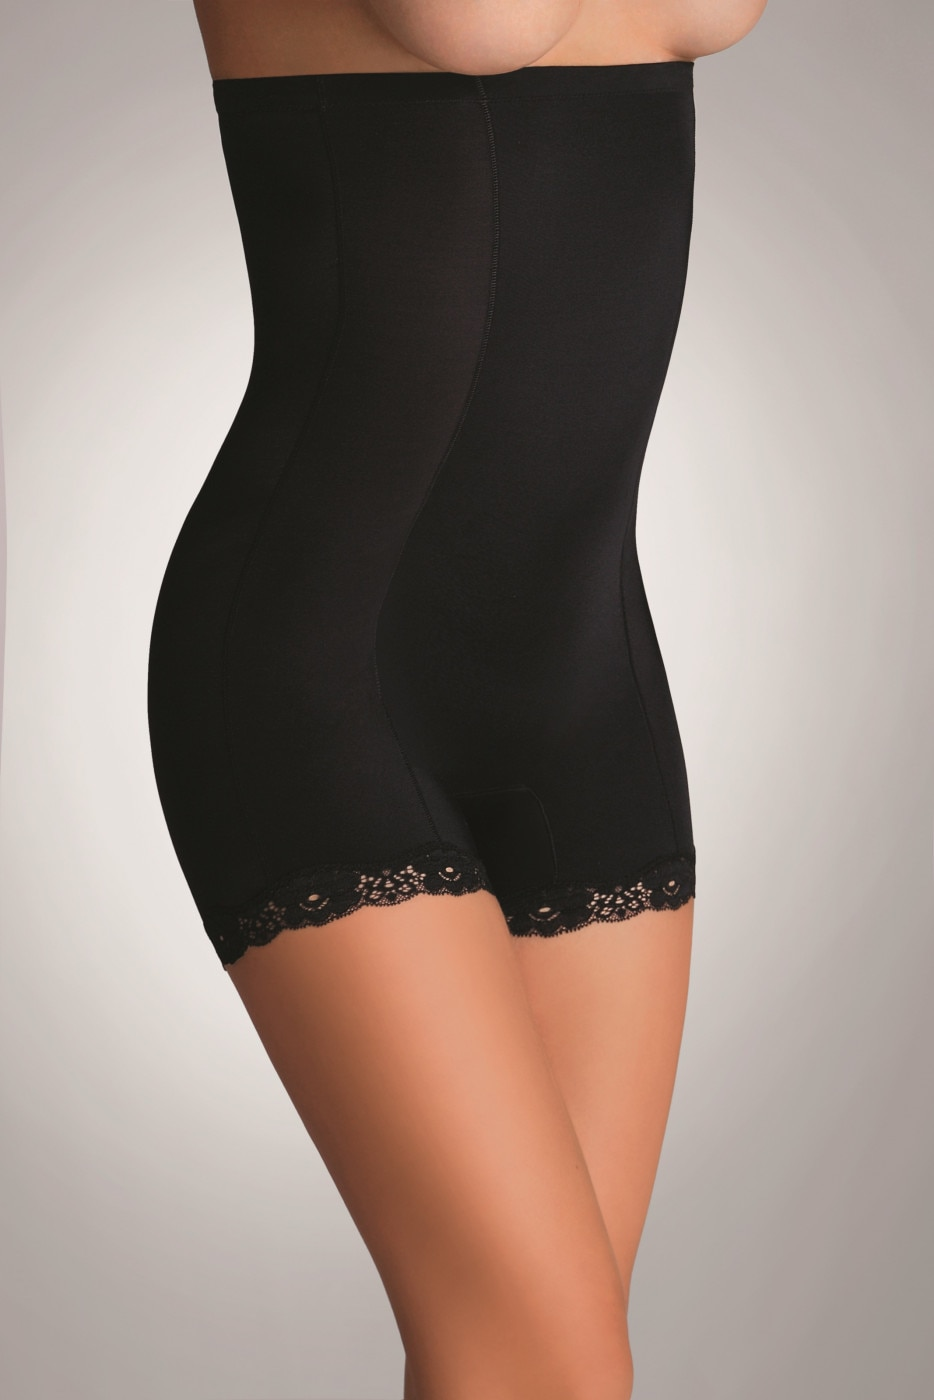 Women's shaping panties Eldar Vanessa